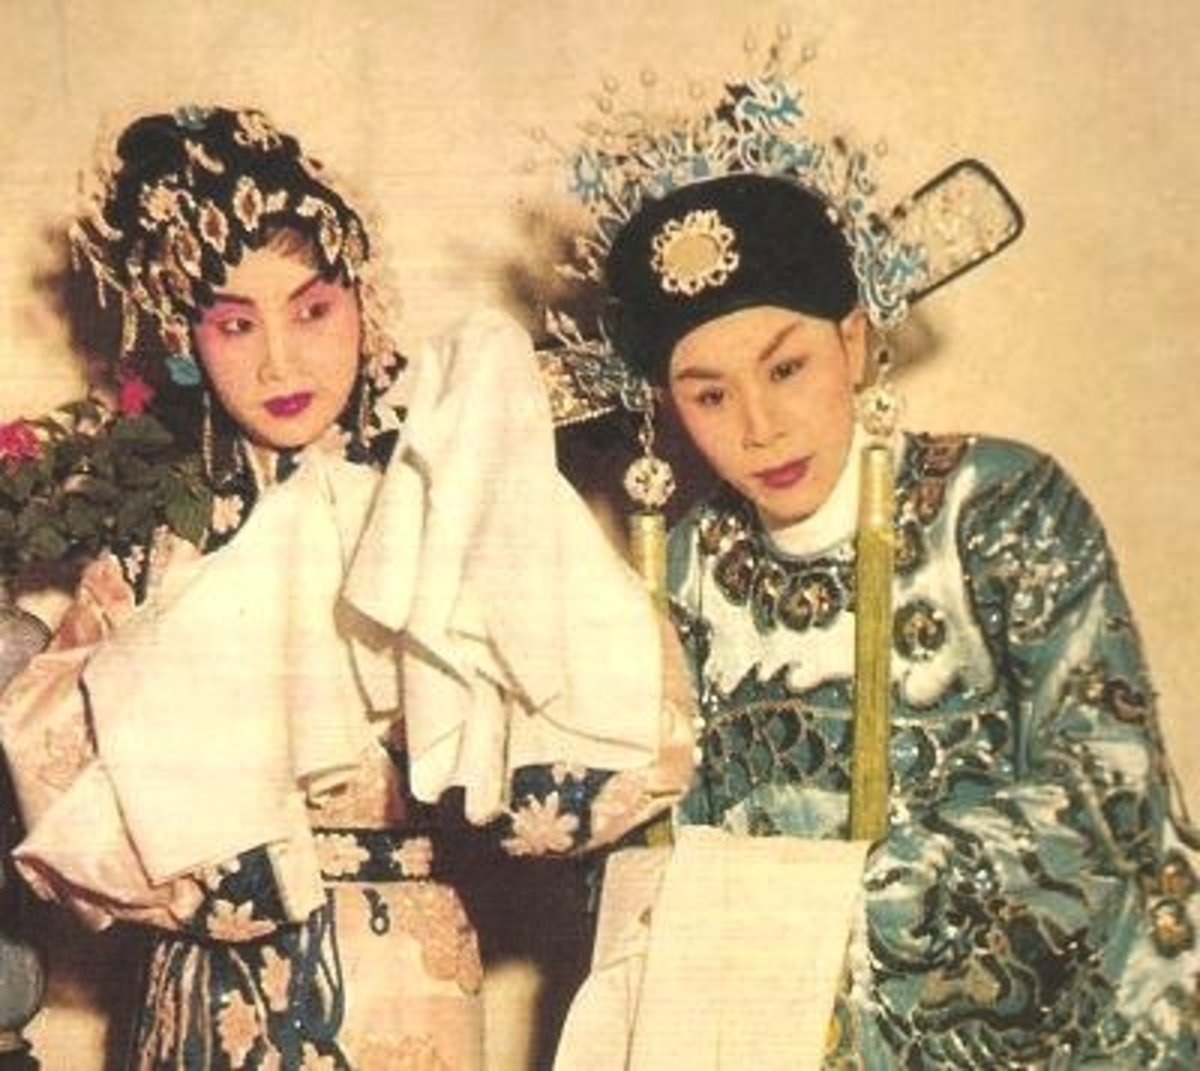 The original performers of Di Nu Hua - Yam Kim Fai as Zhou Shi Xian and Pak Suet Sin as Princess Changping.